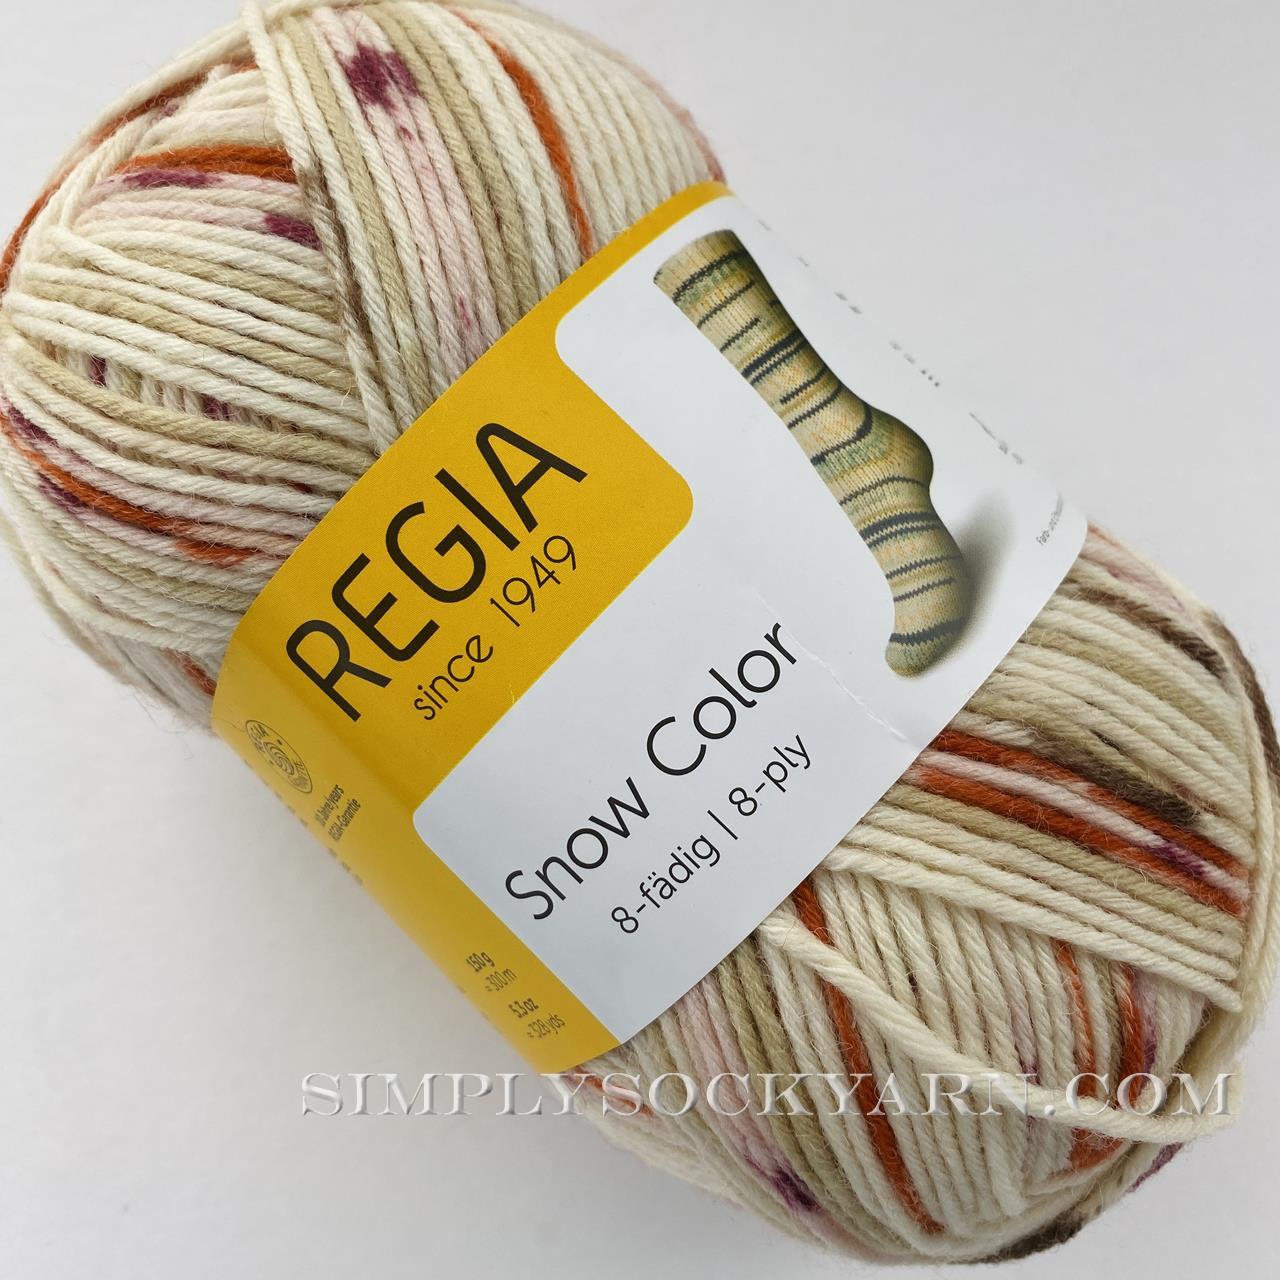 Regia 8 Ply Snow Color 8116 -